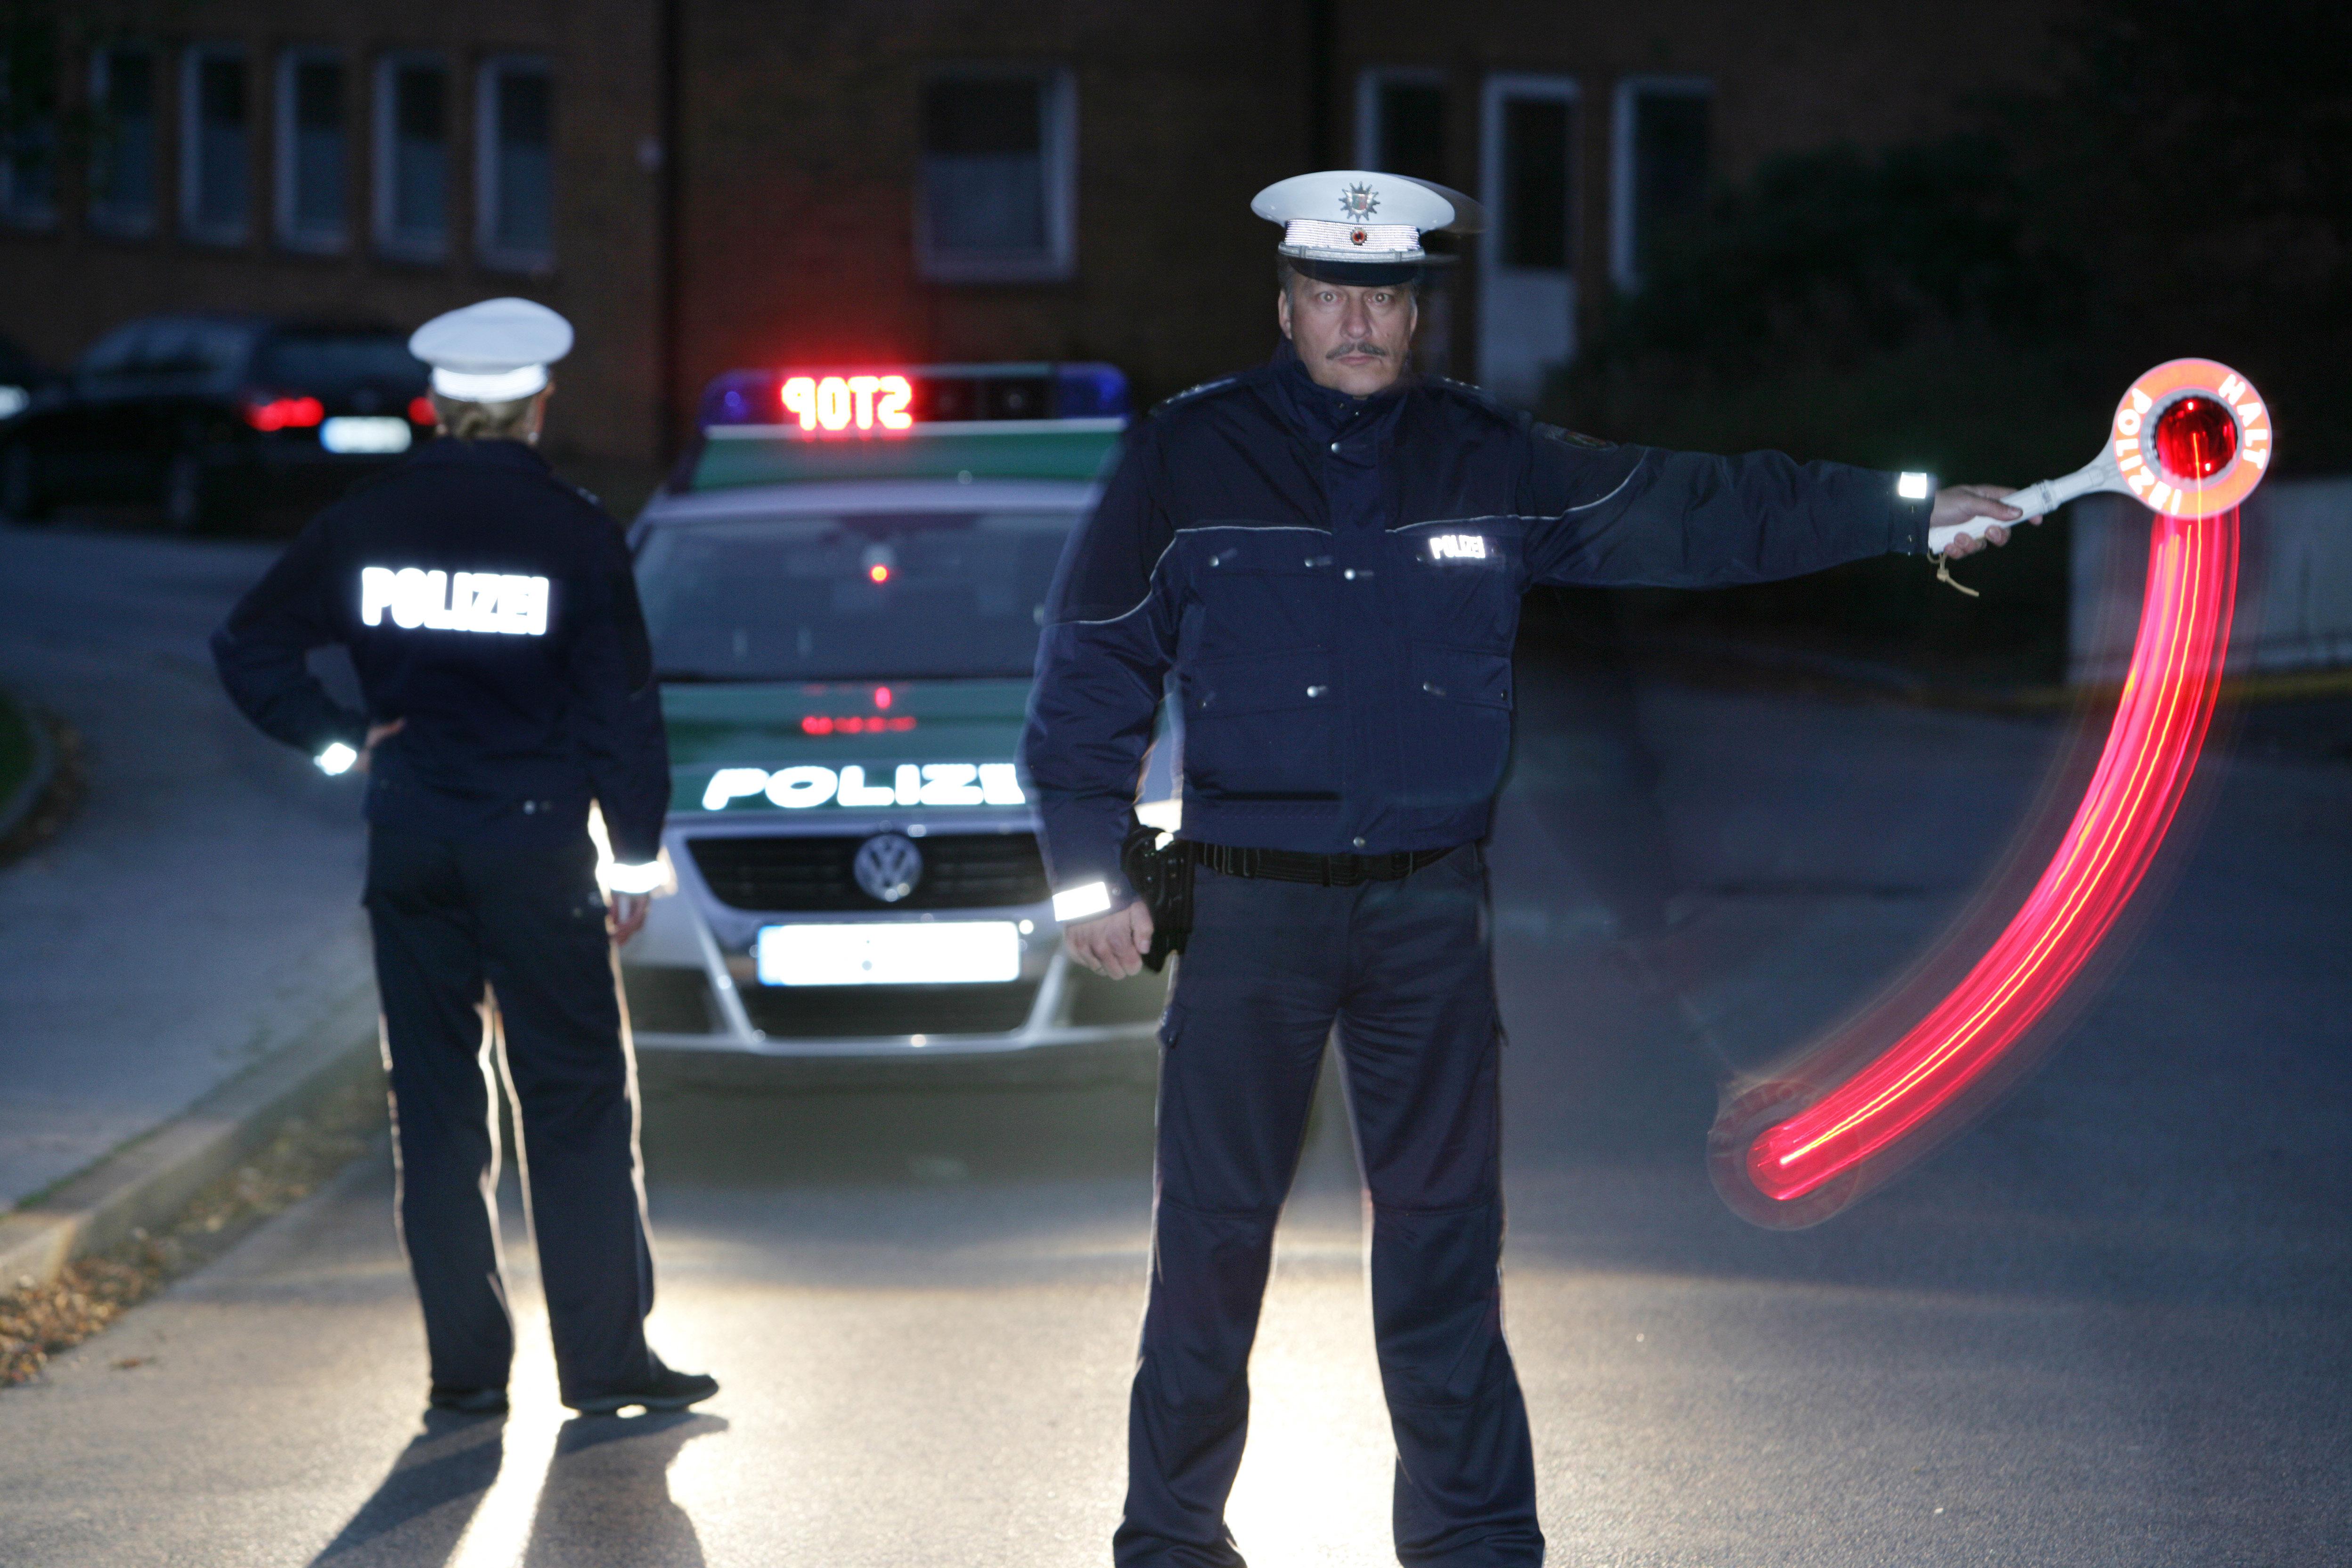 Mit Cannabis im Blut und in der Tasche erwischte die Polizei einen 22-jährigen Ratinger (Foto: OTS)